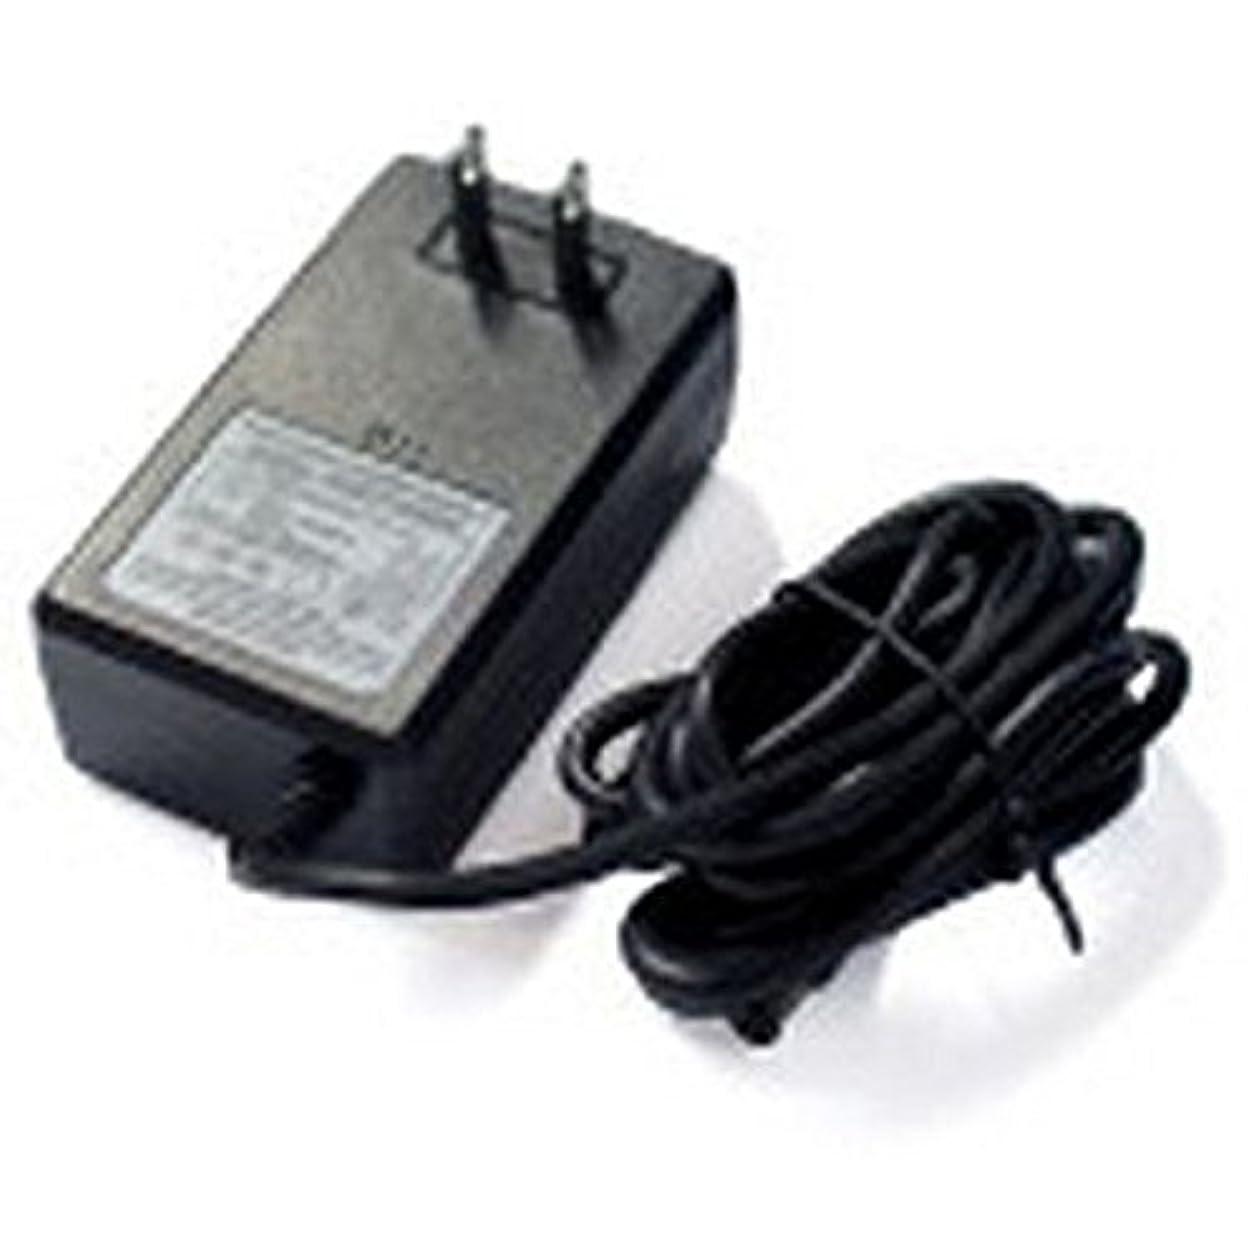 アテックス ルルド マッサージクッションAX-HL138用専用アダプター